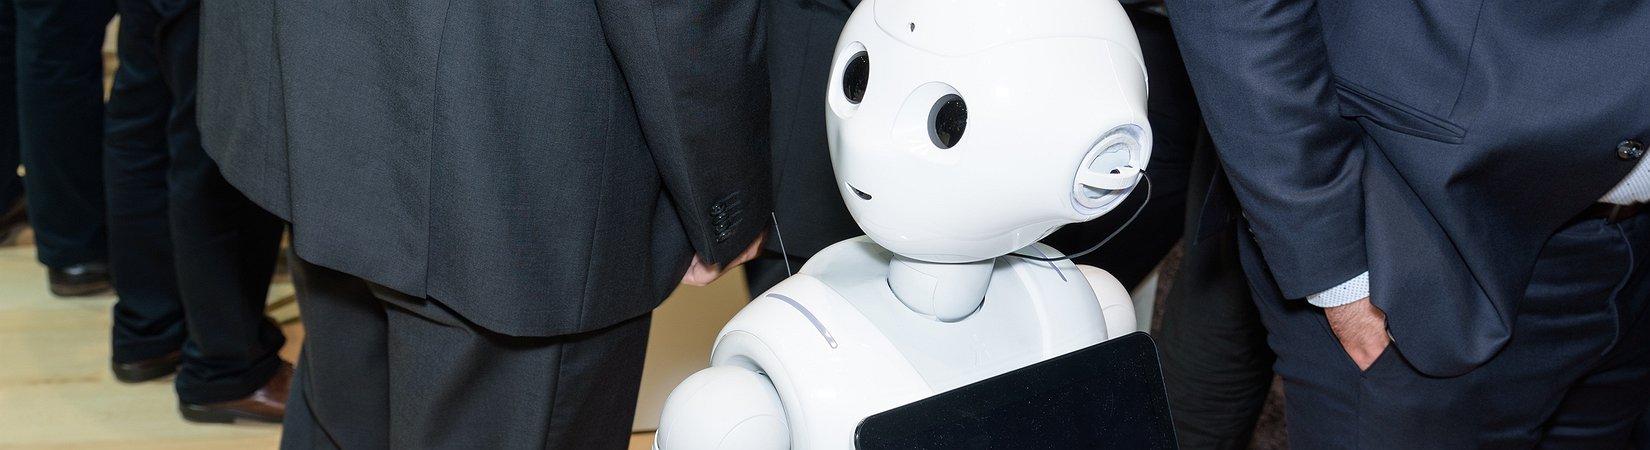 Pode a inteligência artificial salvar o mundo?